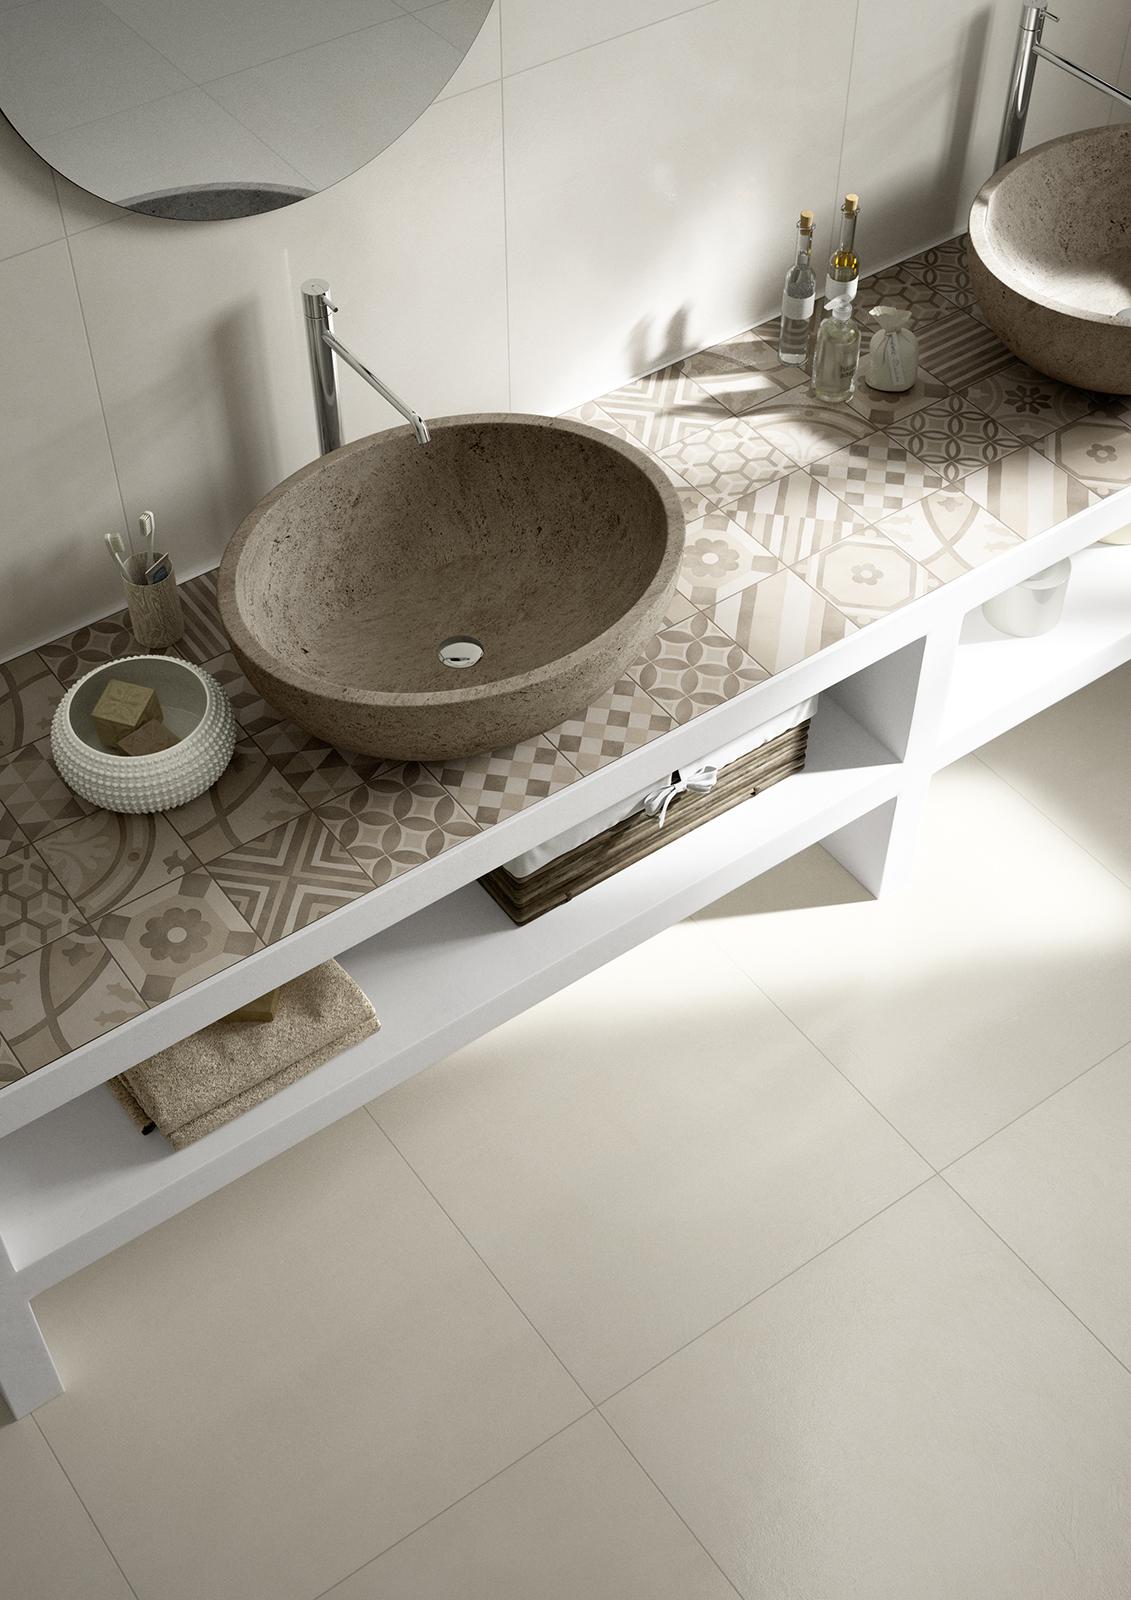 Azulejos Baño Saloni:Azulejos y mosaicos para tu baño y para el revestimiento de la ducha